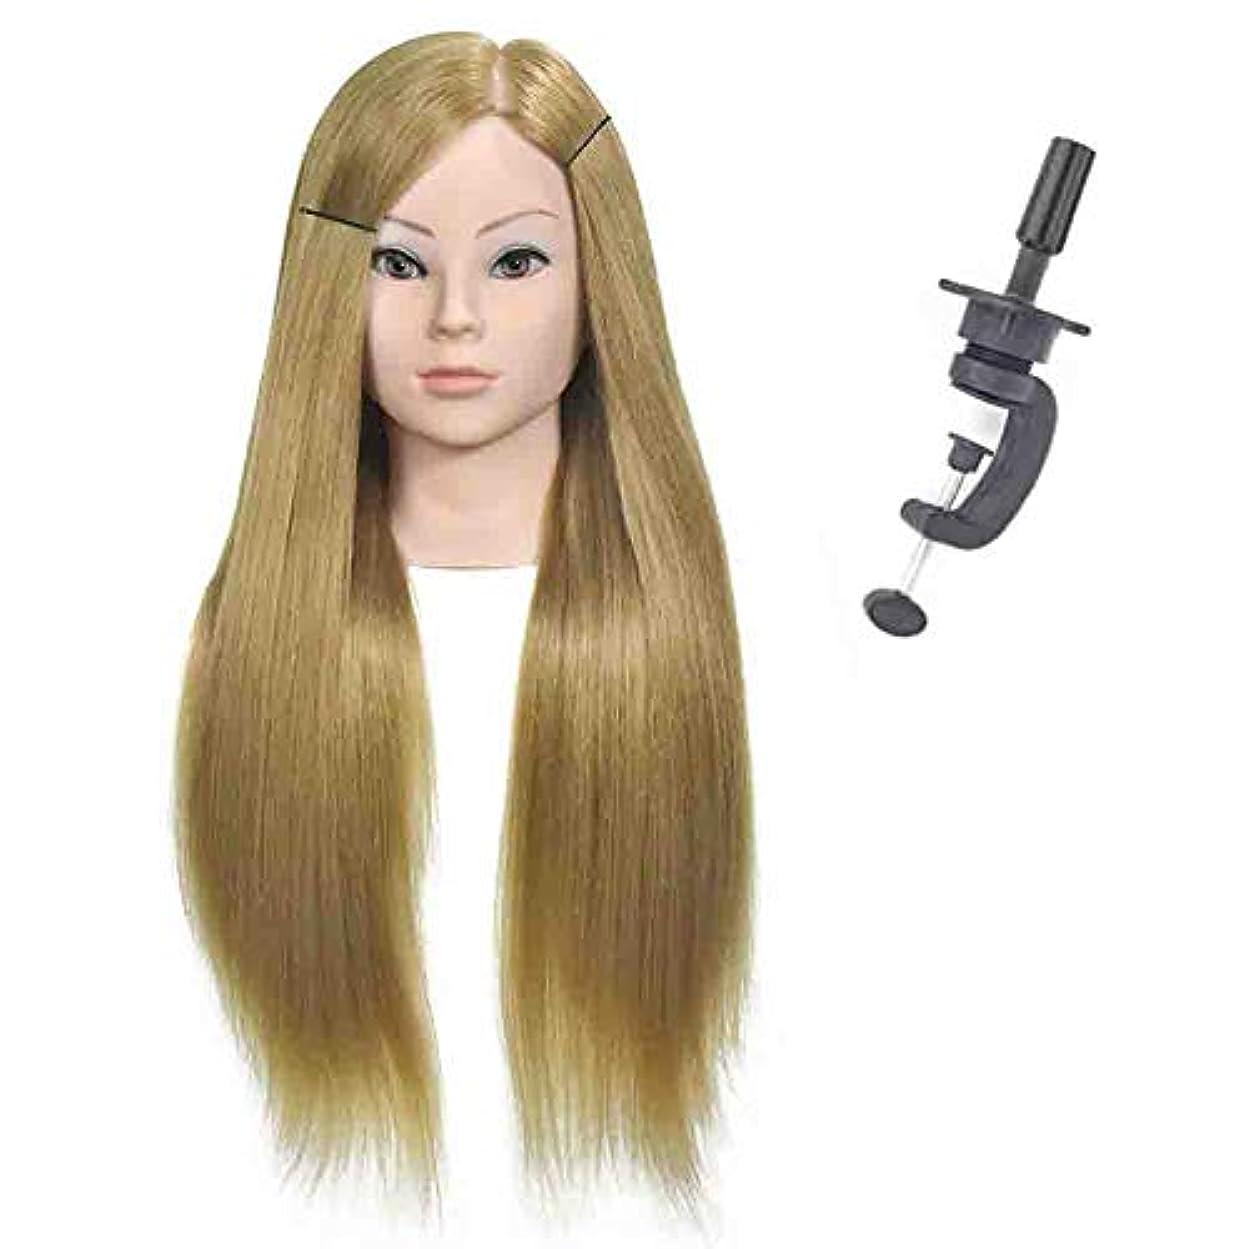 骨髄肖像画ブラウザ花嫁メイクモデリング教育ヘッド本物の人物ヘアダミーヘッドモデル理髪店学習パーマ髪染めモデルヘッド